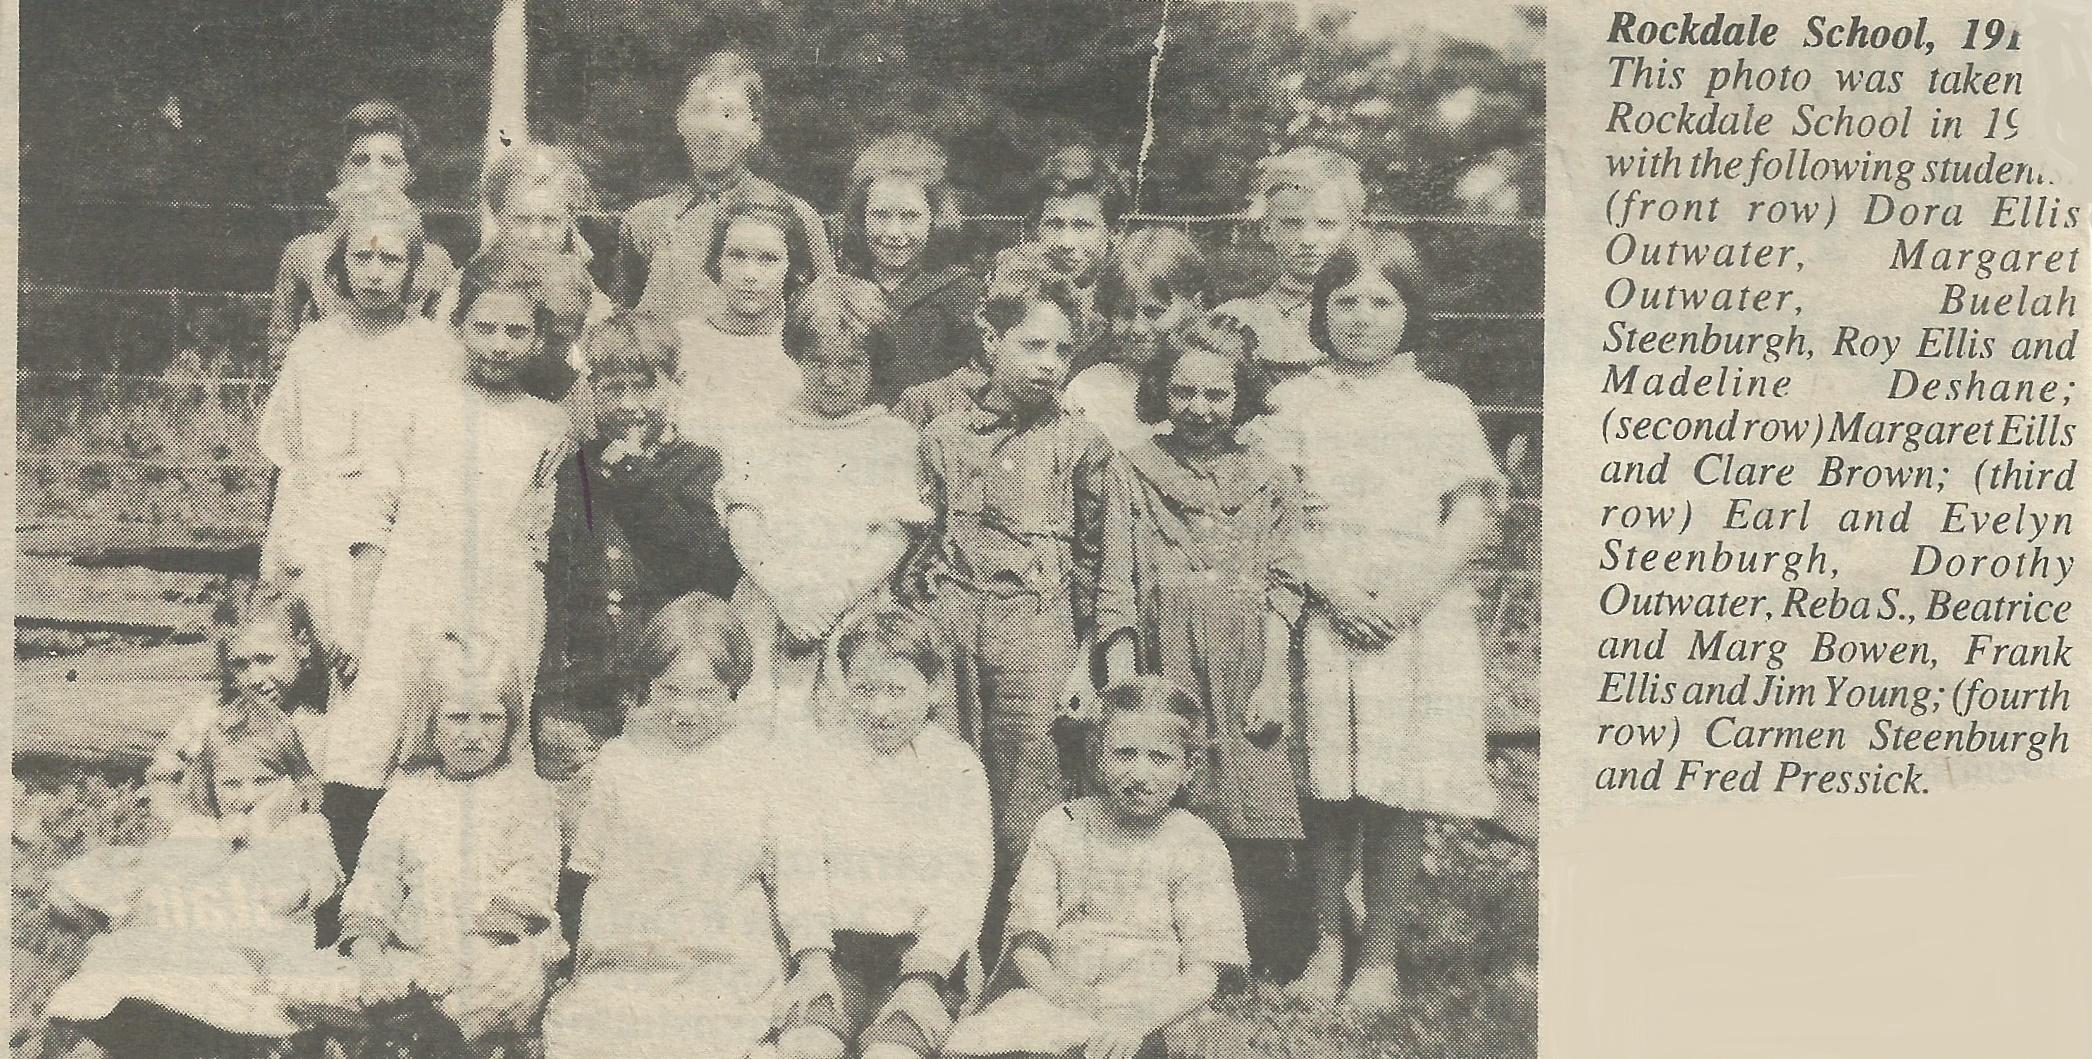 Rockdale School 191-.jpg